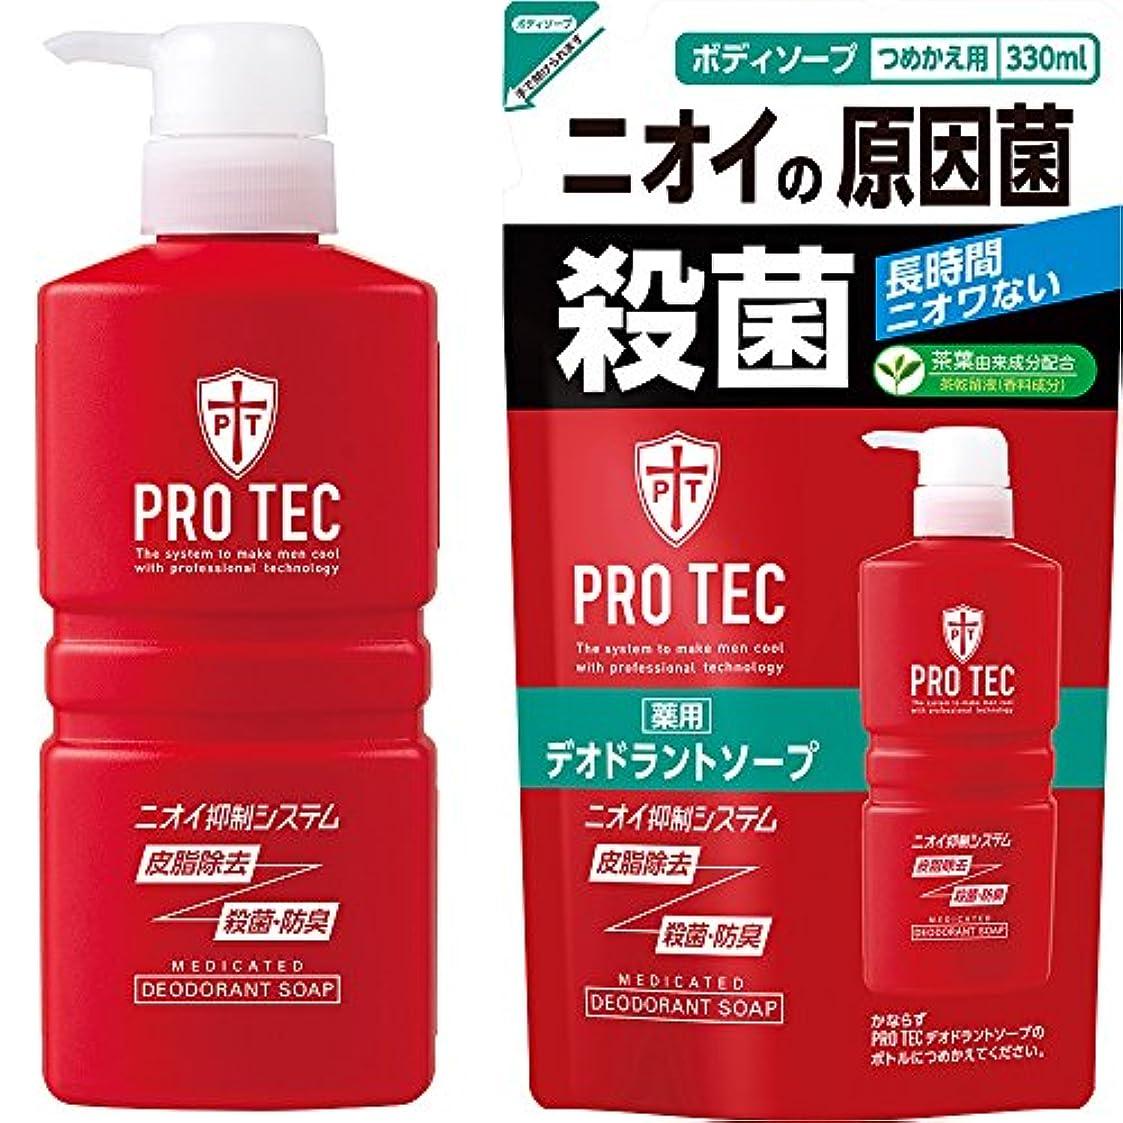 を除くとまり木ドナウ川PRO TEC(プロテク) デオドラントソープ ポンプ420ml+詰め替え330ml セット(医薬部外品)